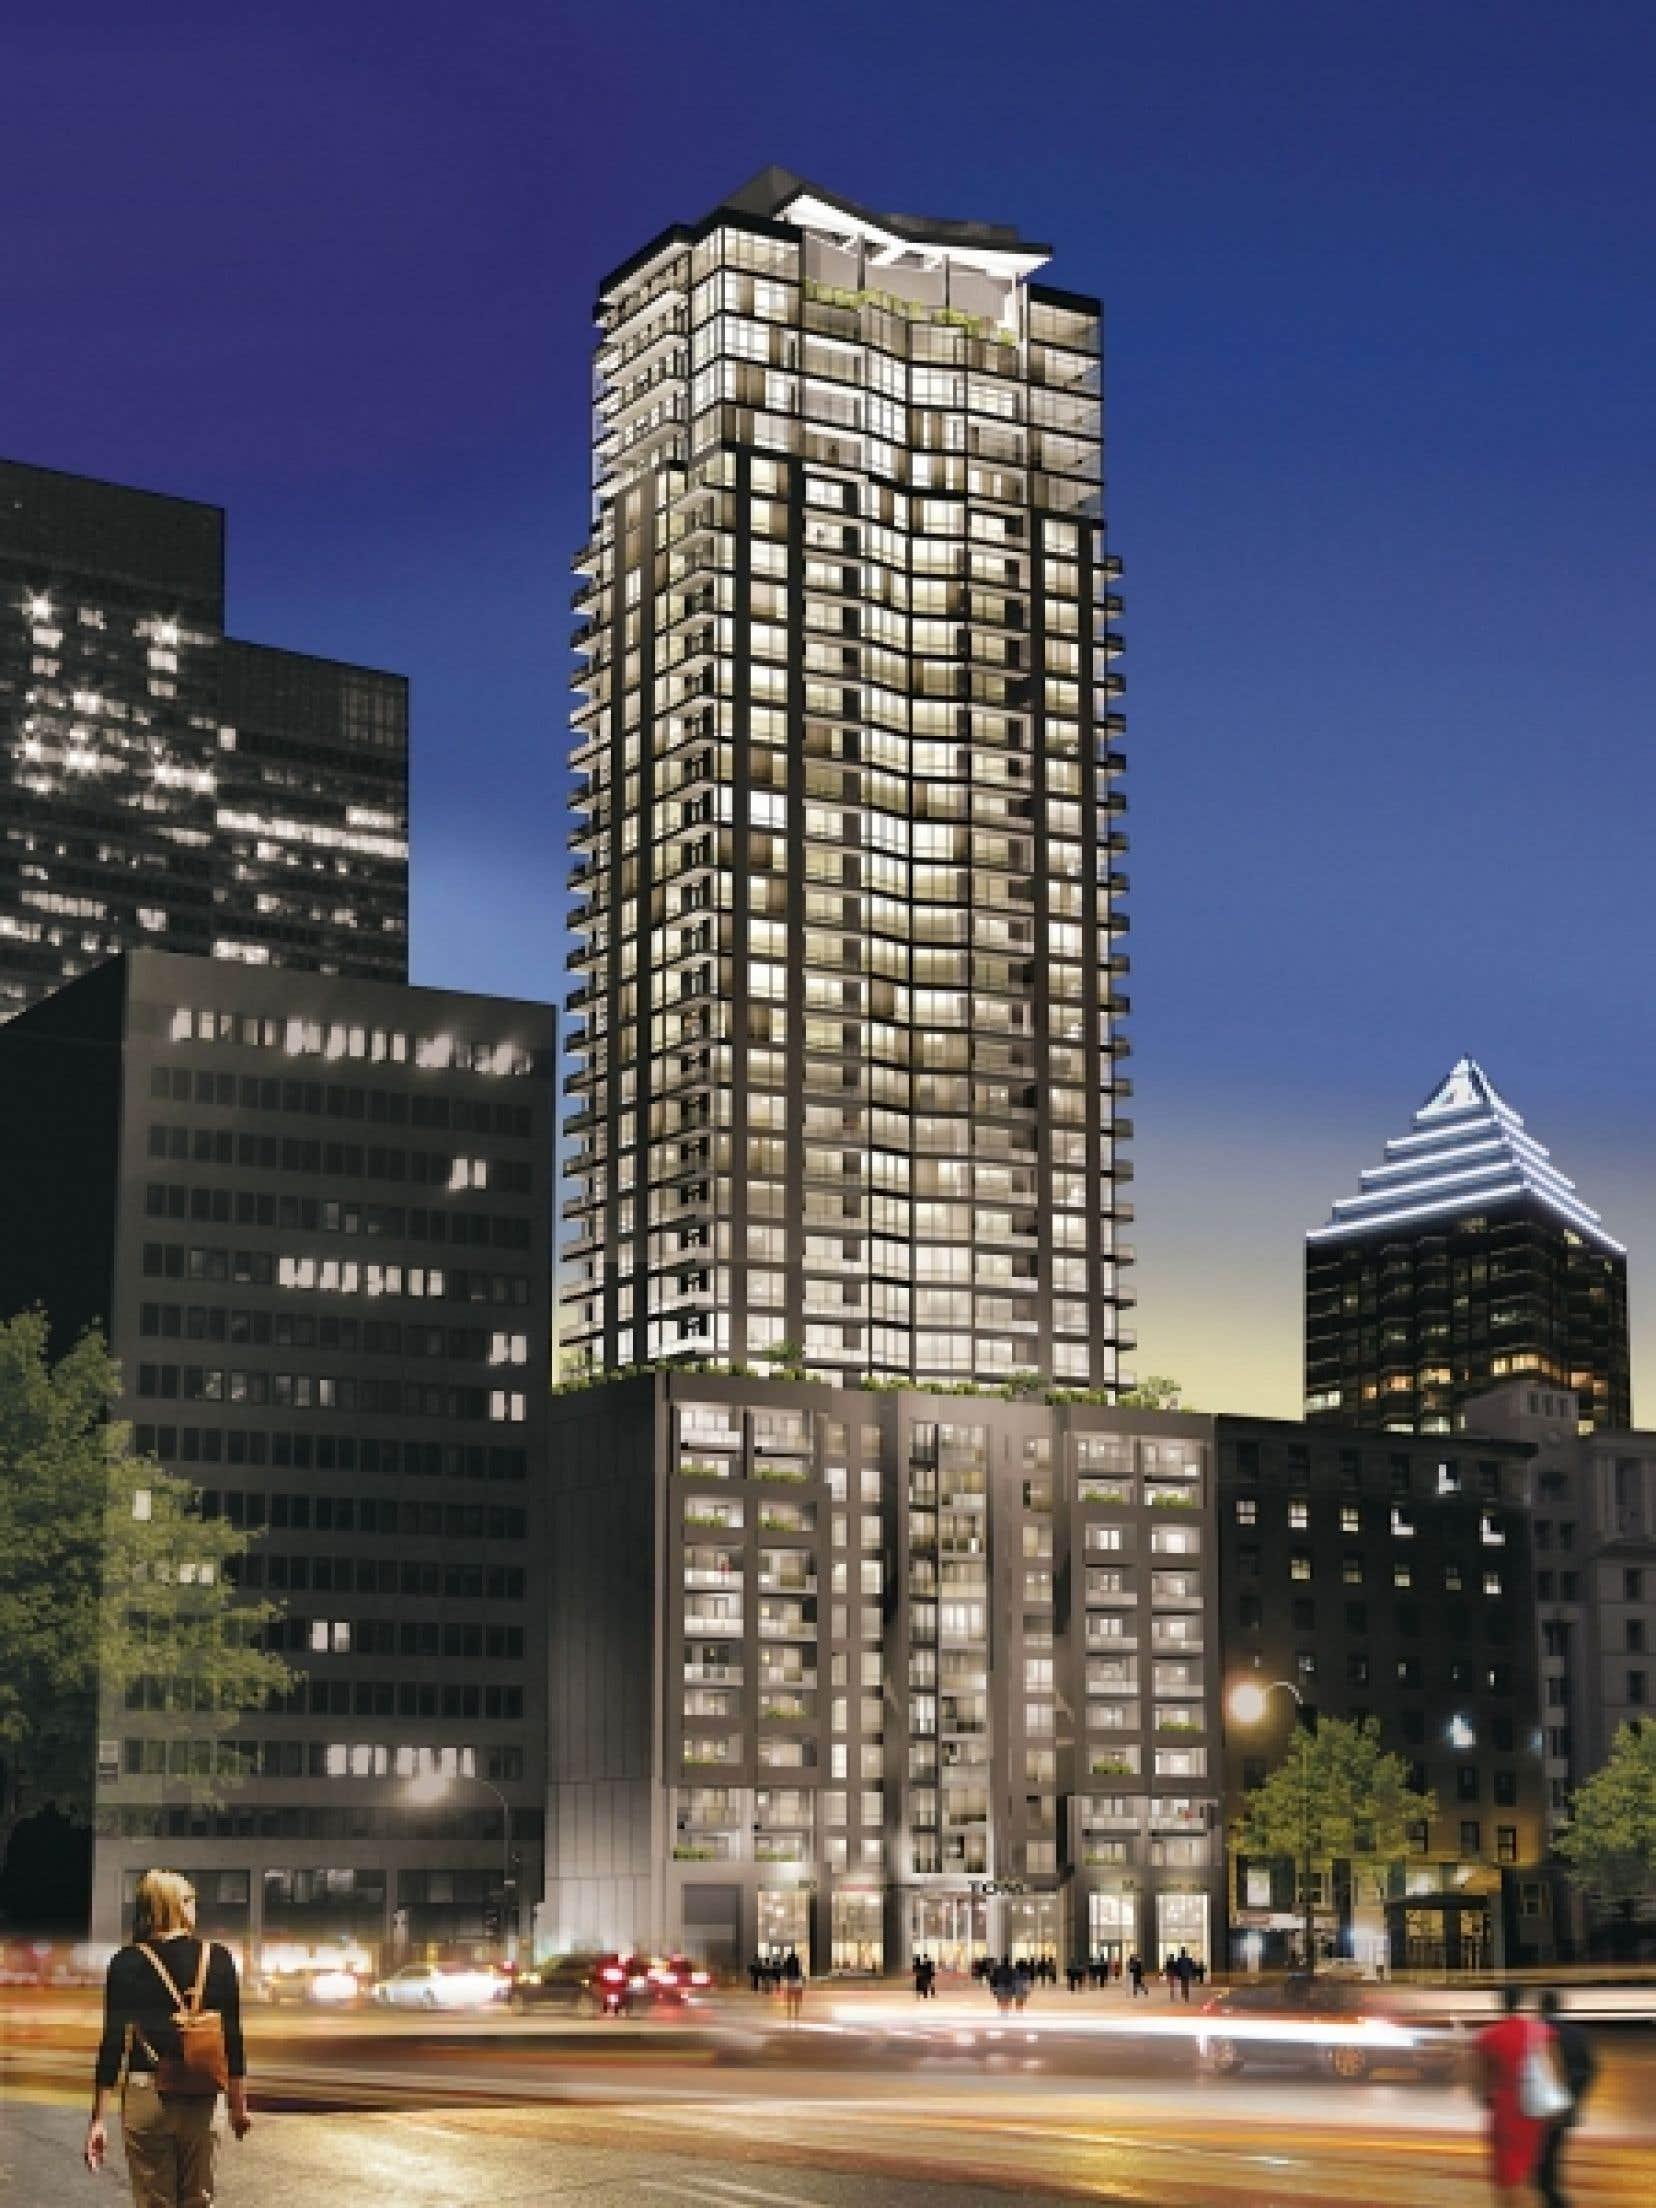 Située au 1200, rue Union, là où se trouve actuellement une aire de stationnement, la tour Tom condos surmontera le centre-ville de Montréal et s'élèvera sur 40 étages.